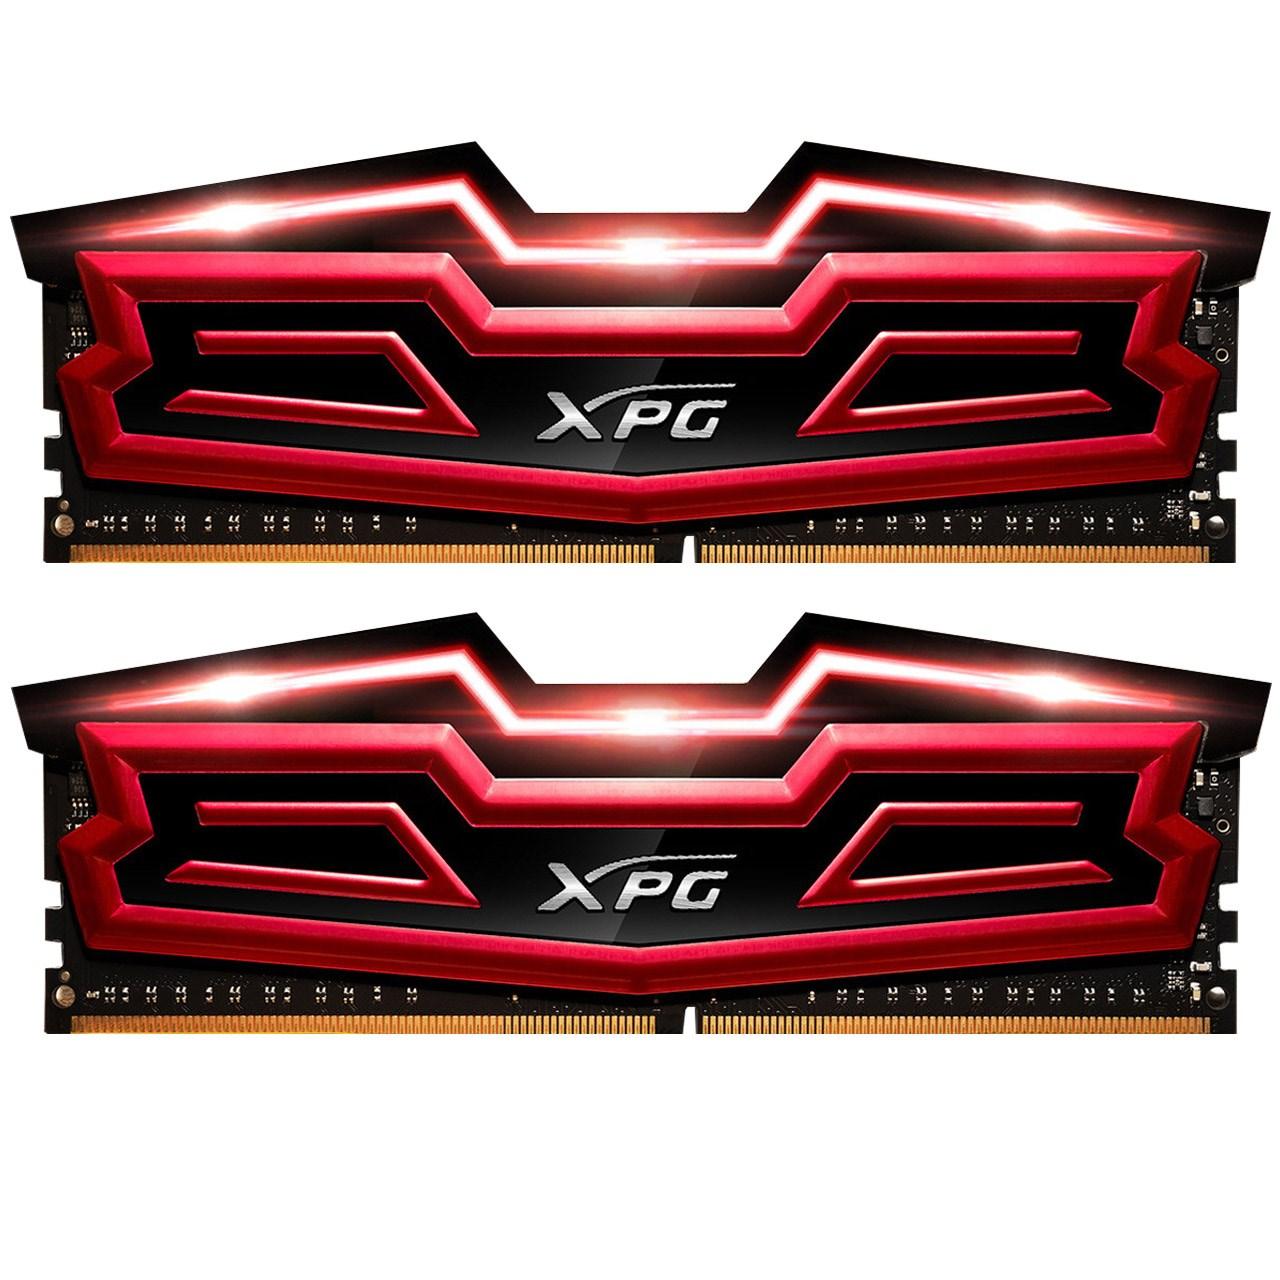 رم دسکتاپ DDR4 دو کاناله 2400 مگاهرتز CL16 ای دیتا مدل XPG Dazzle ظرفیت 16 گیگابایت